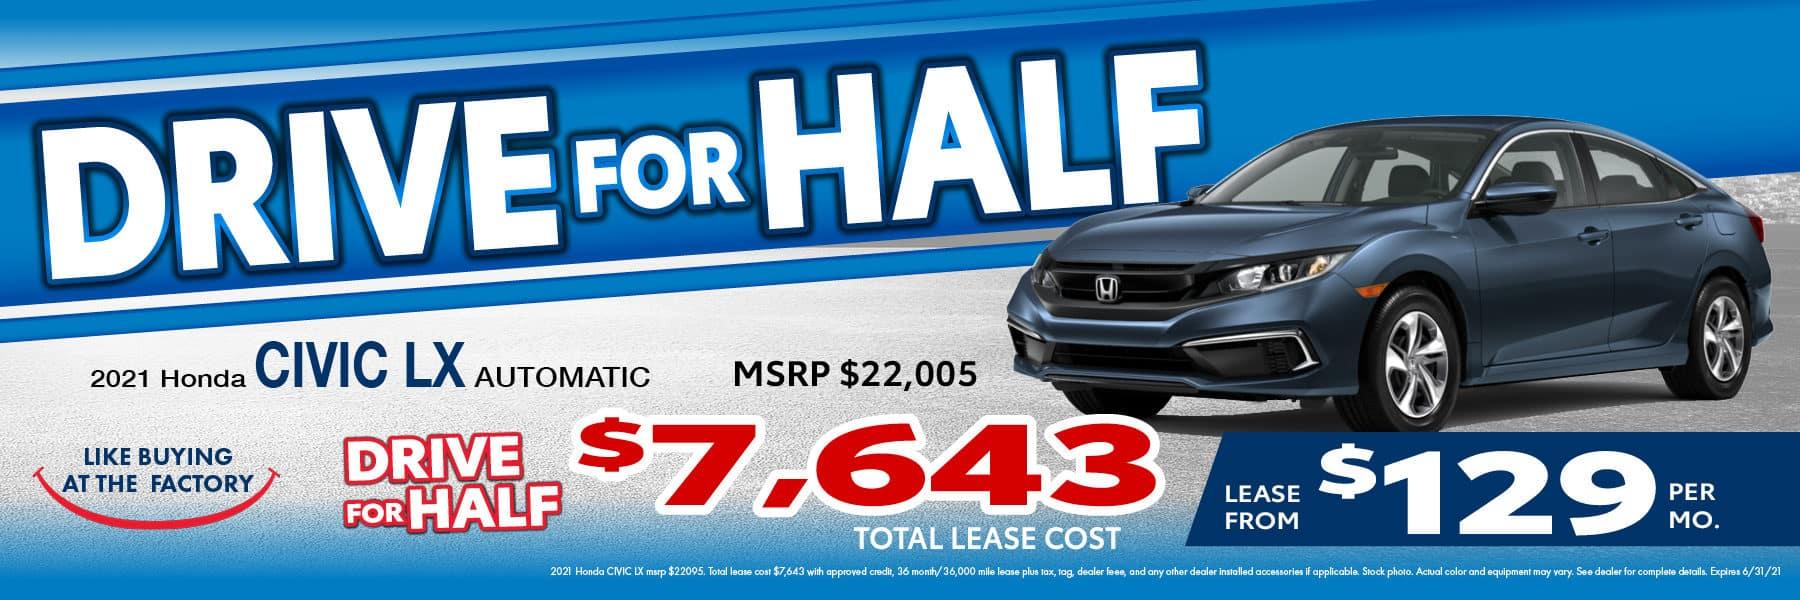 rjjT3991 HQ Honda 1800×600 Drive Half